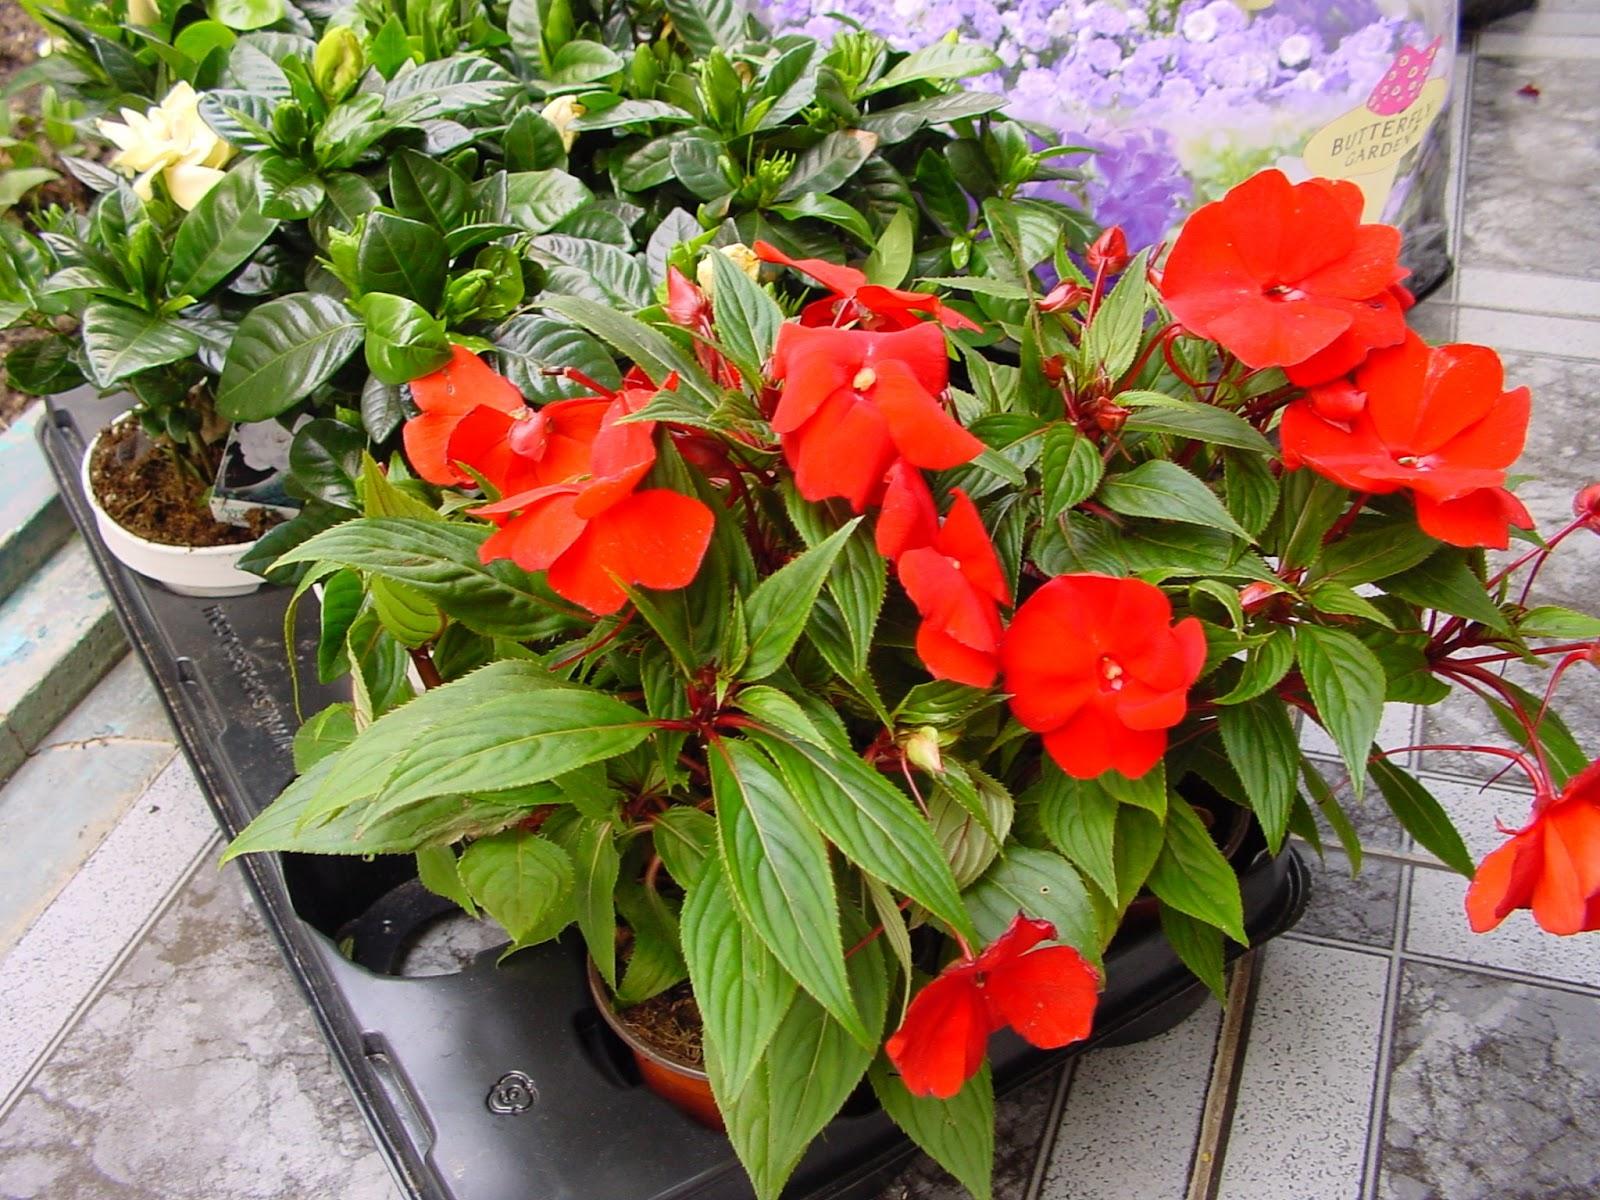 Son plantas de pequeño tamaño, con pocas flores, contenidas en